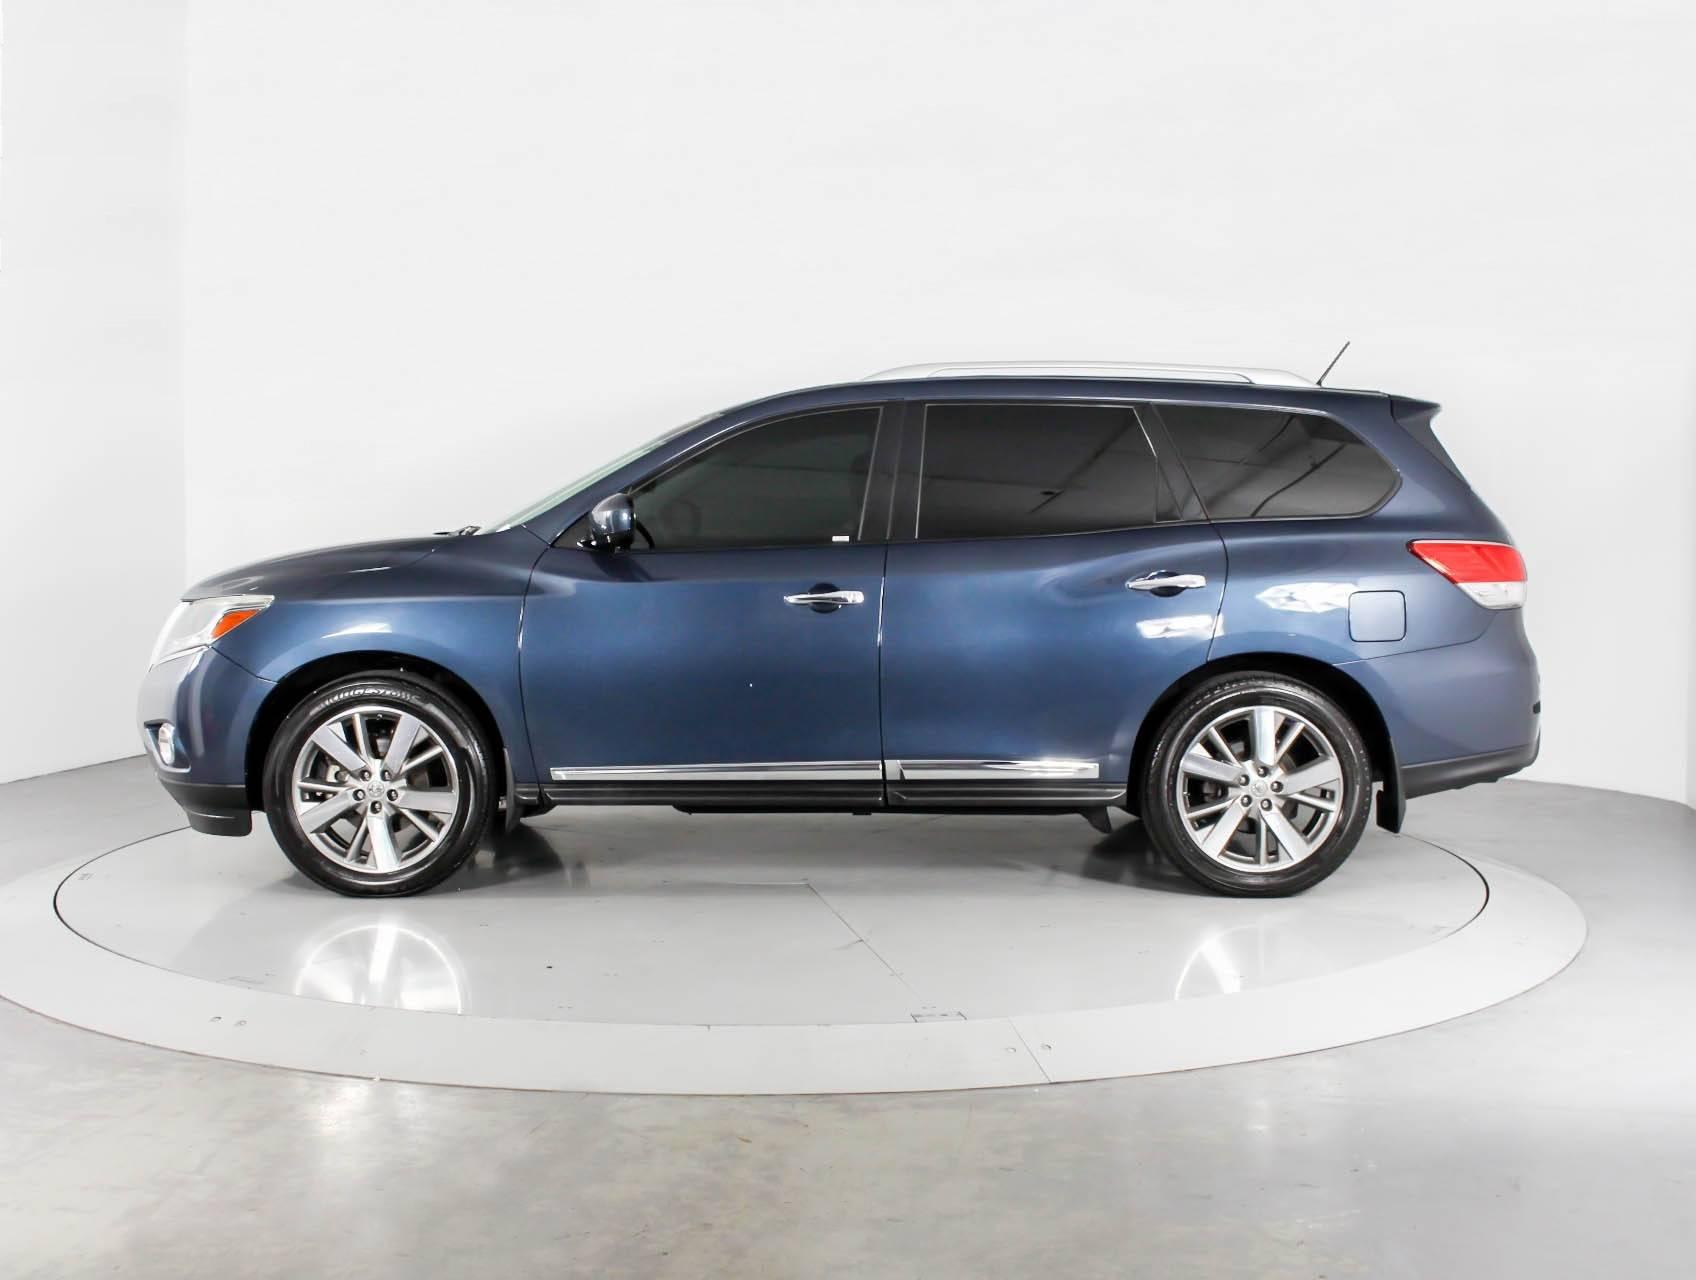 Audi Des Moines Top Car Release - Audi des moines